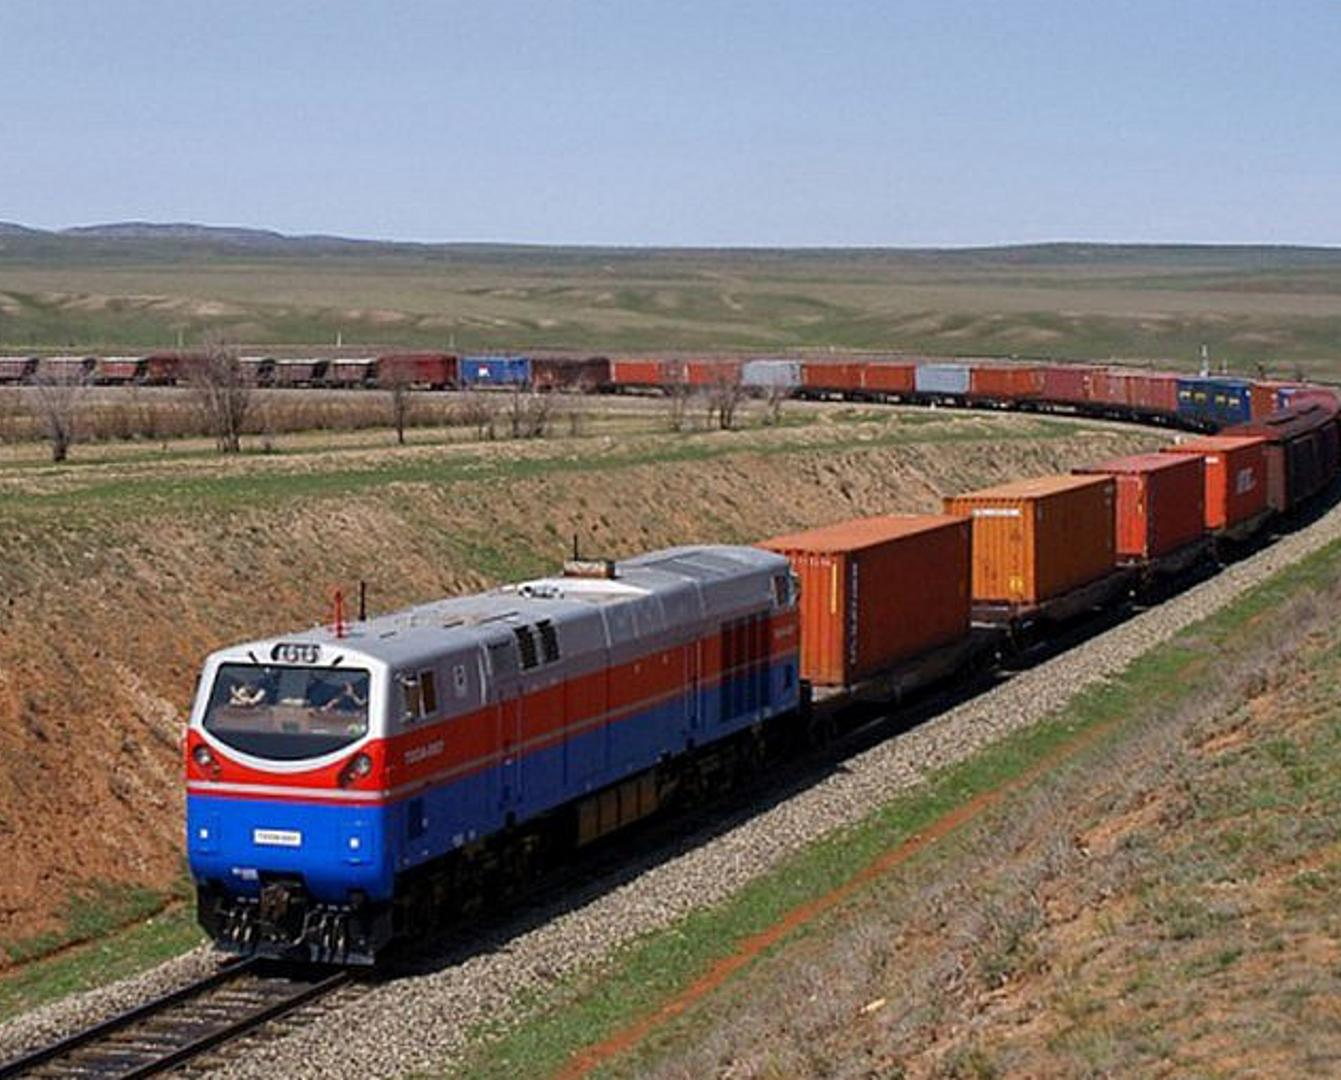 Более 10 тысяч поездов отправлено по железнодорожному экспрессу «Китай - Европа» в 2020 году